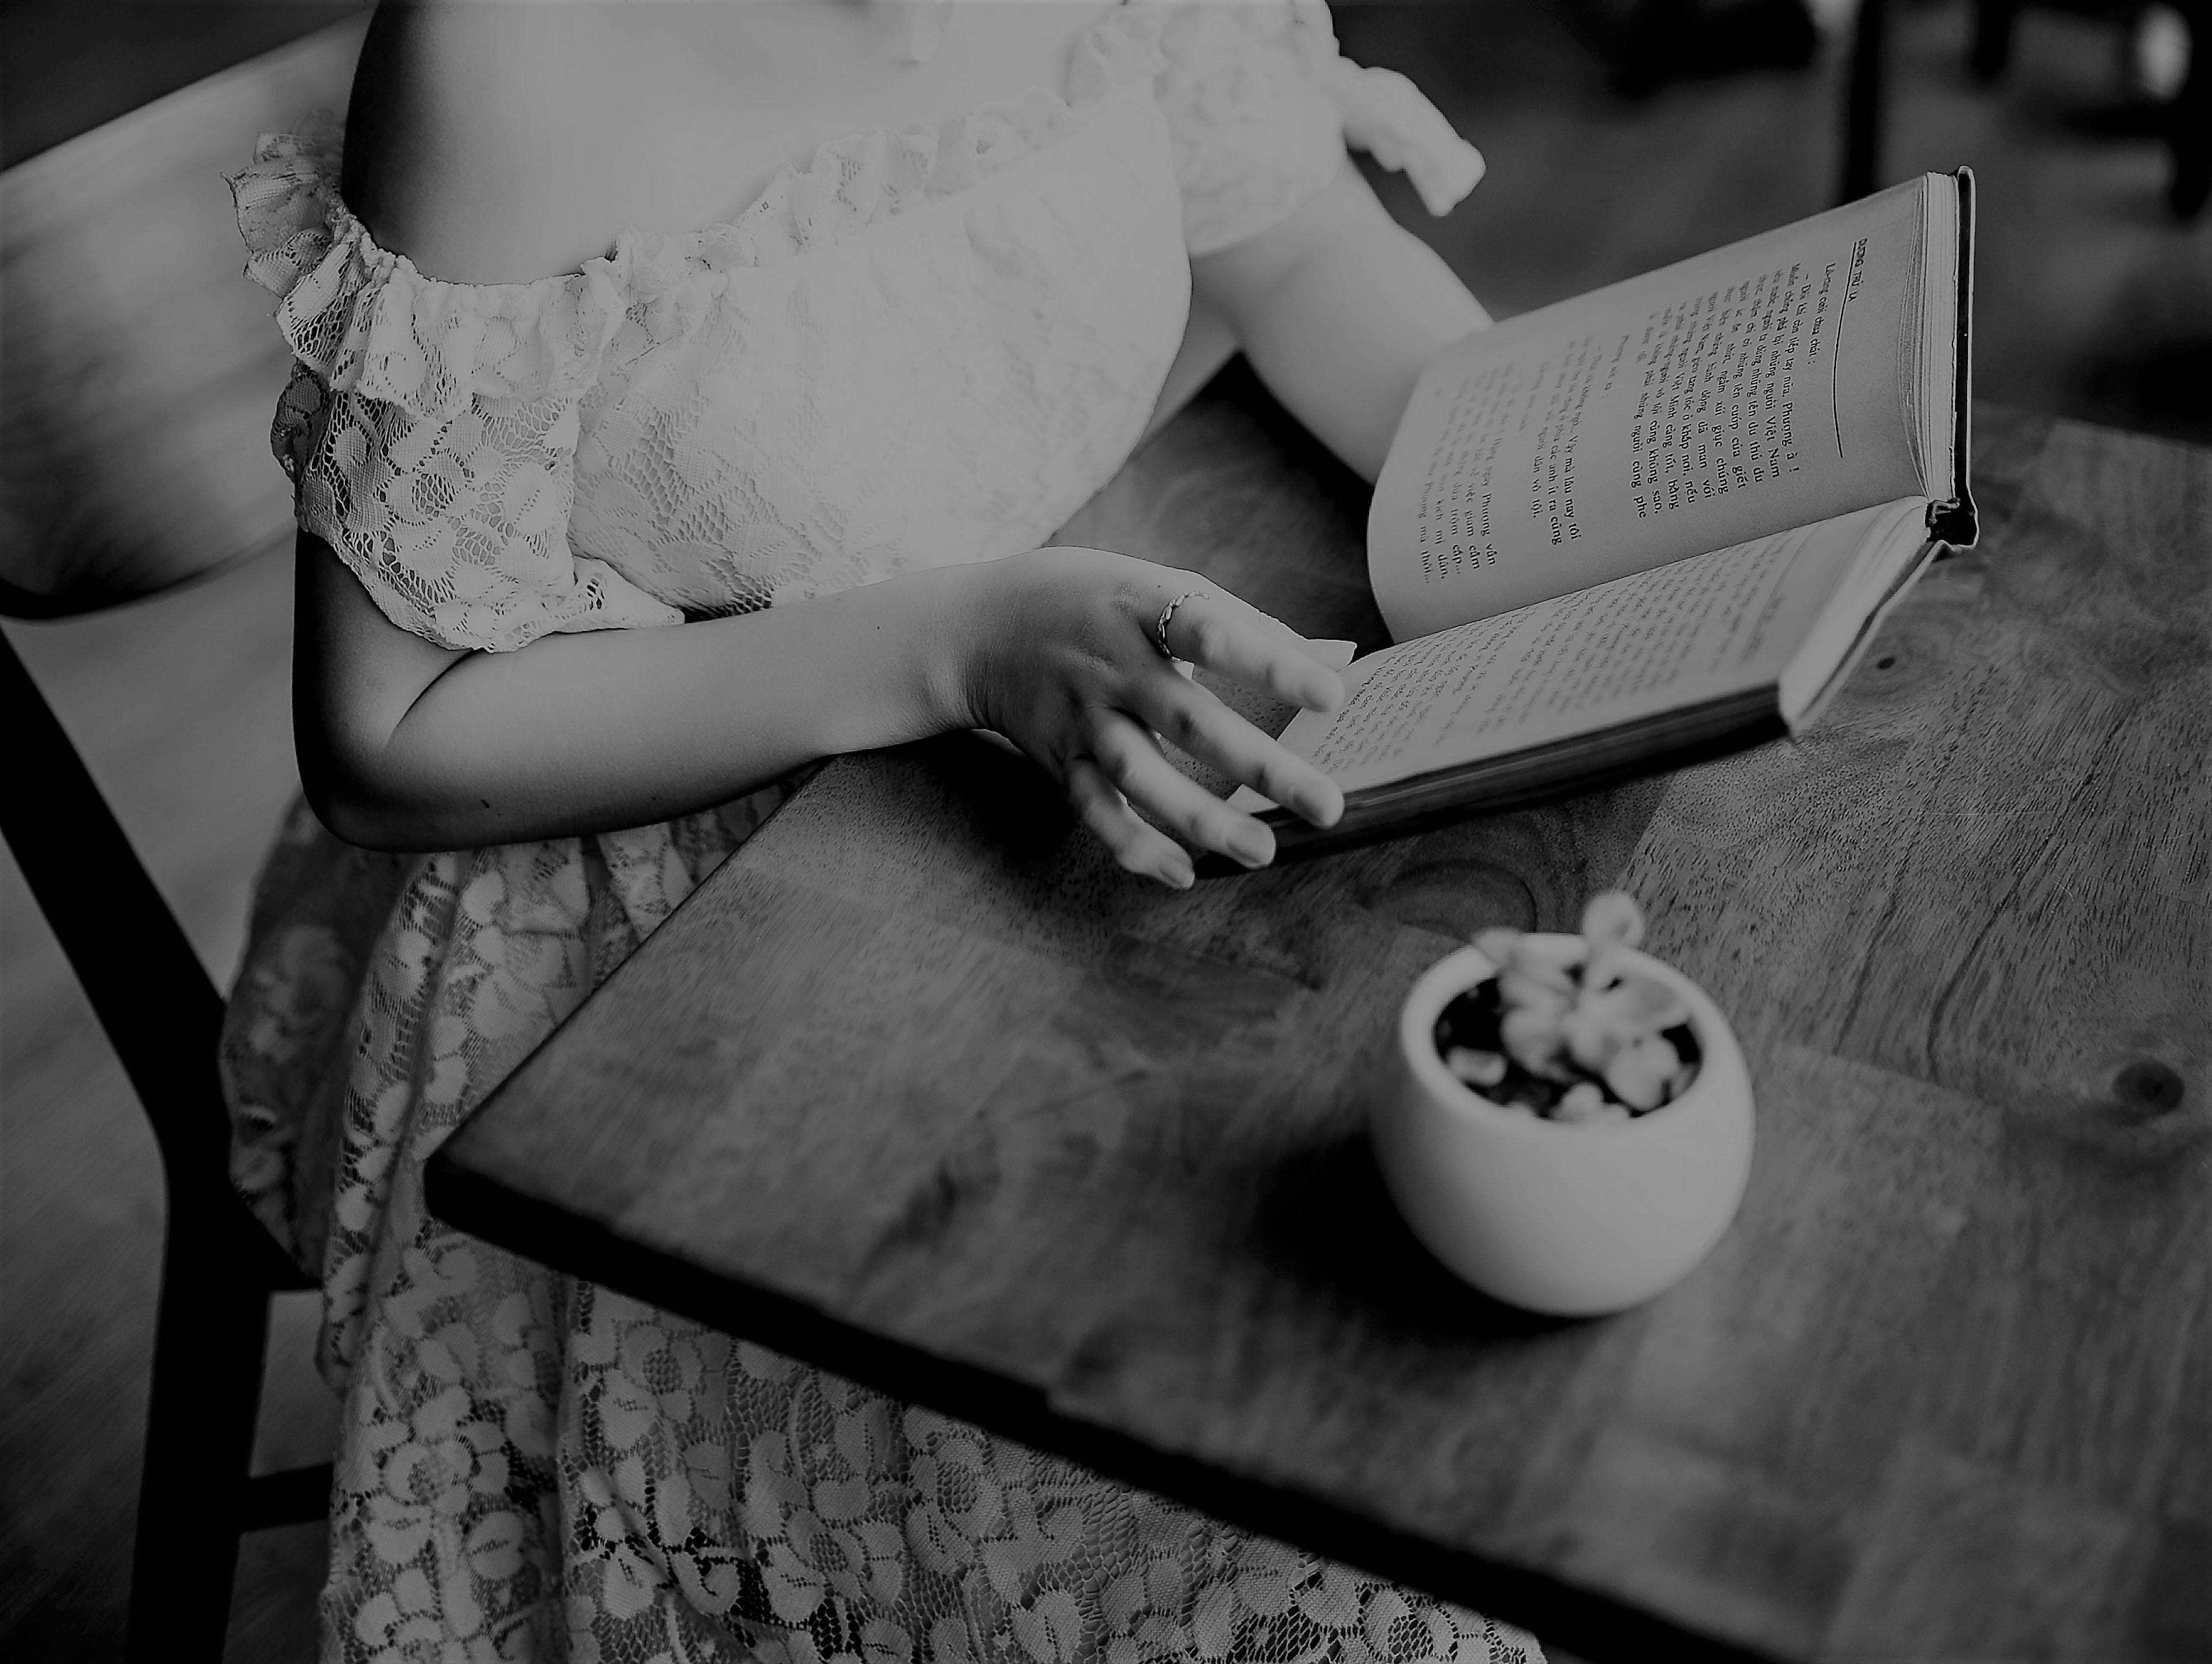 Henkilö lukee kirjaa pitsimekko yllään mustavalkokuvasssa, Henkilön kasvot jäävät kuvan ulkopuolelle.